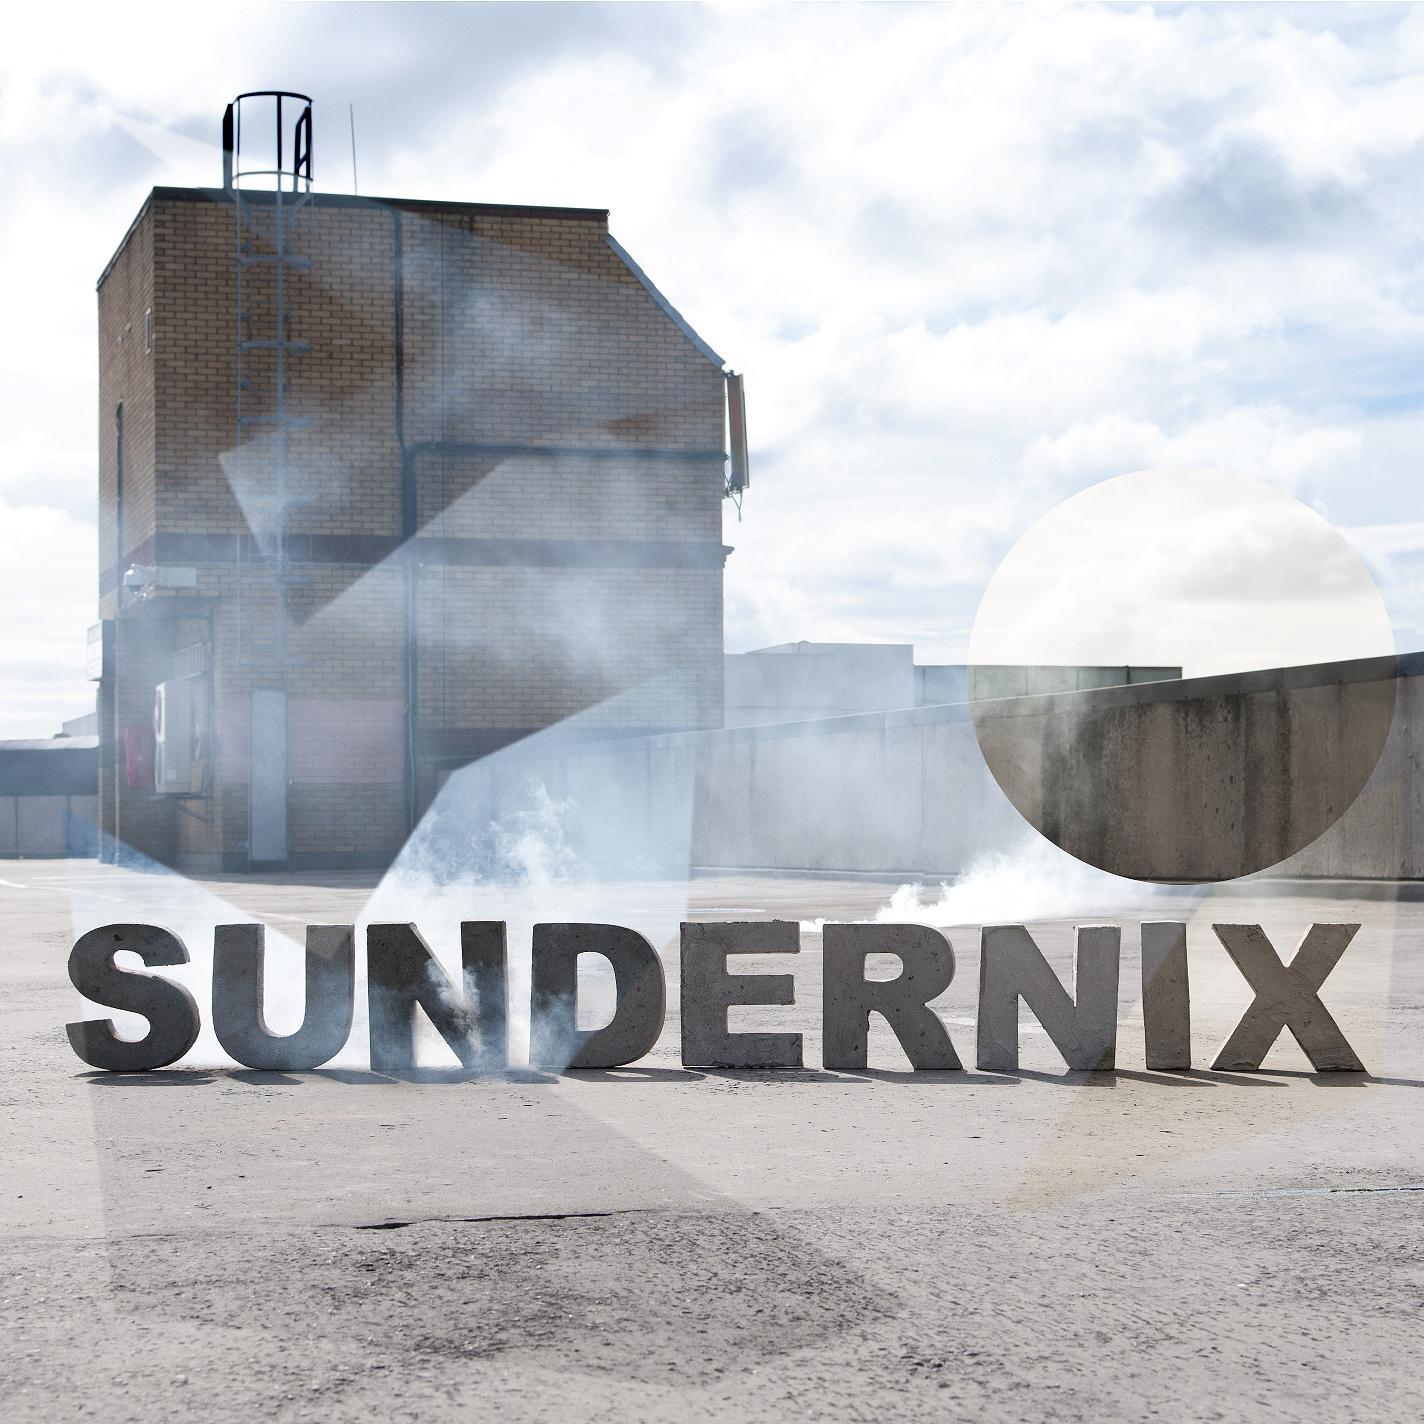 Sundernix-1700x1700